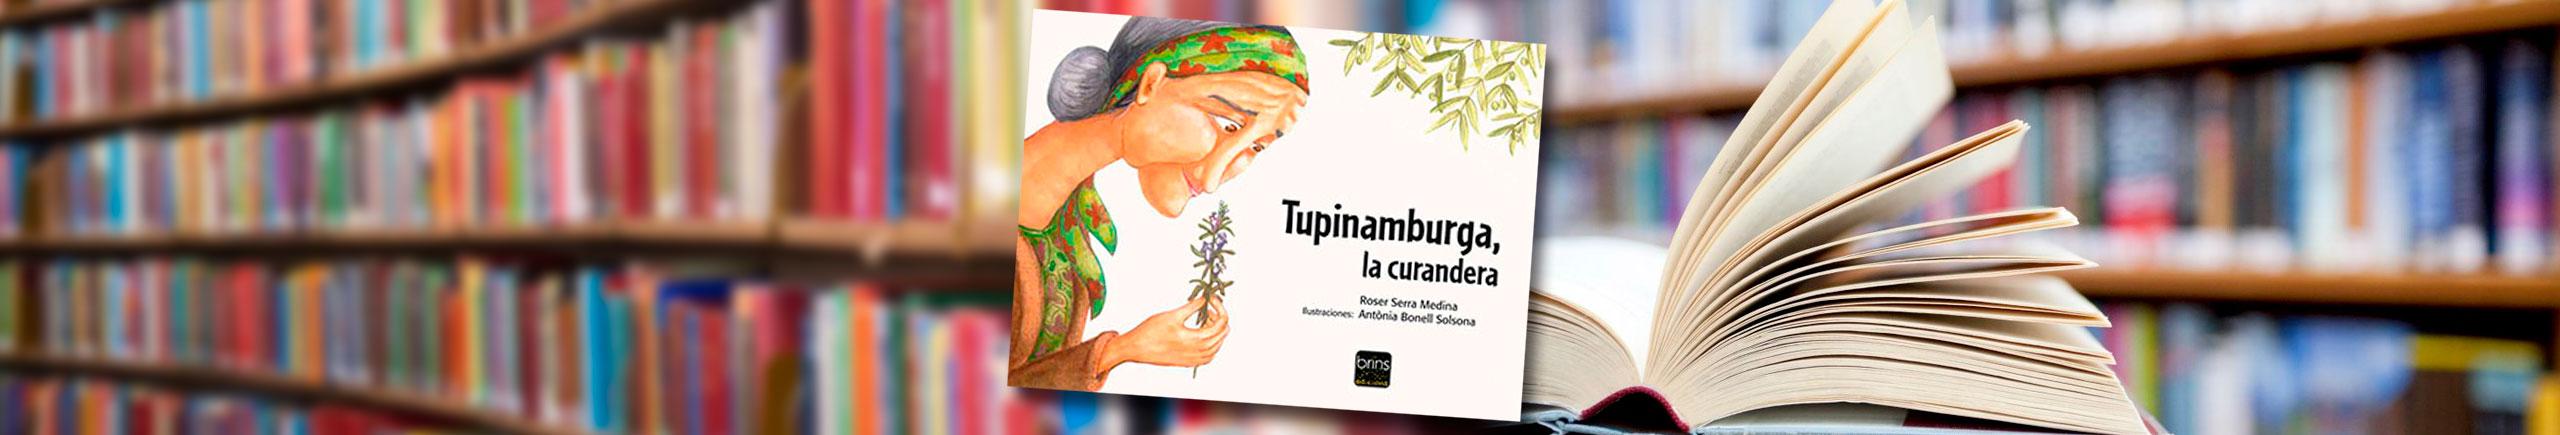 tupinamburga_es